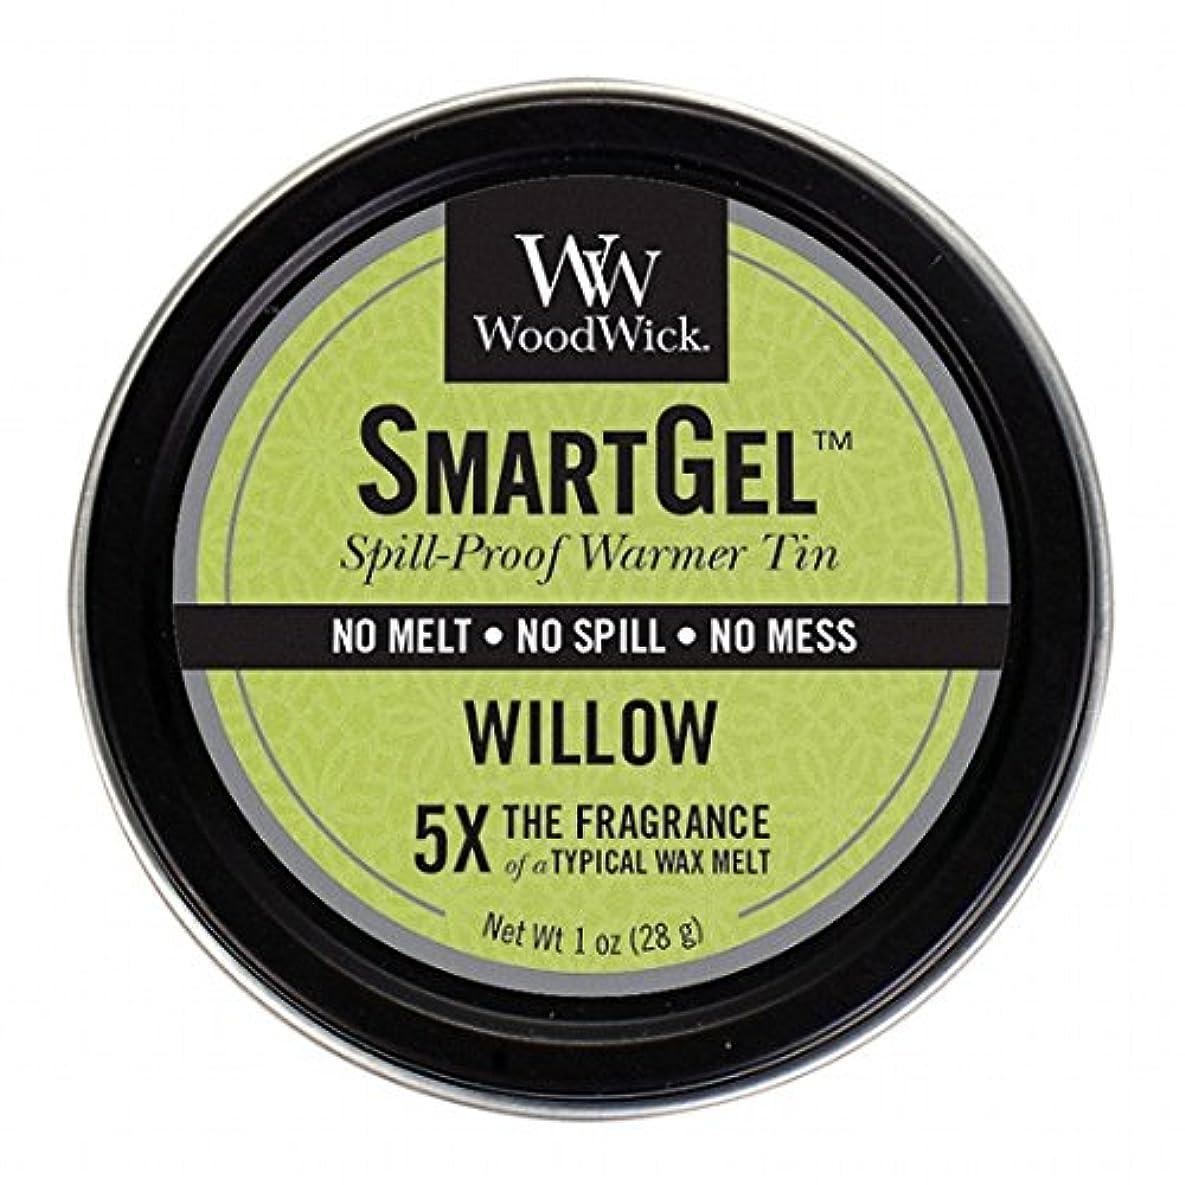 不機嫌農奴繰り返したWoodWick(ウッドウィック) Wood Wickスマートジェル 「 ウィロー 」W9630525(W9630525)